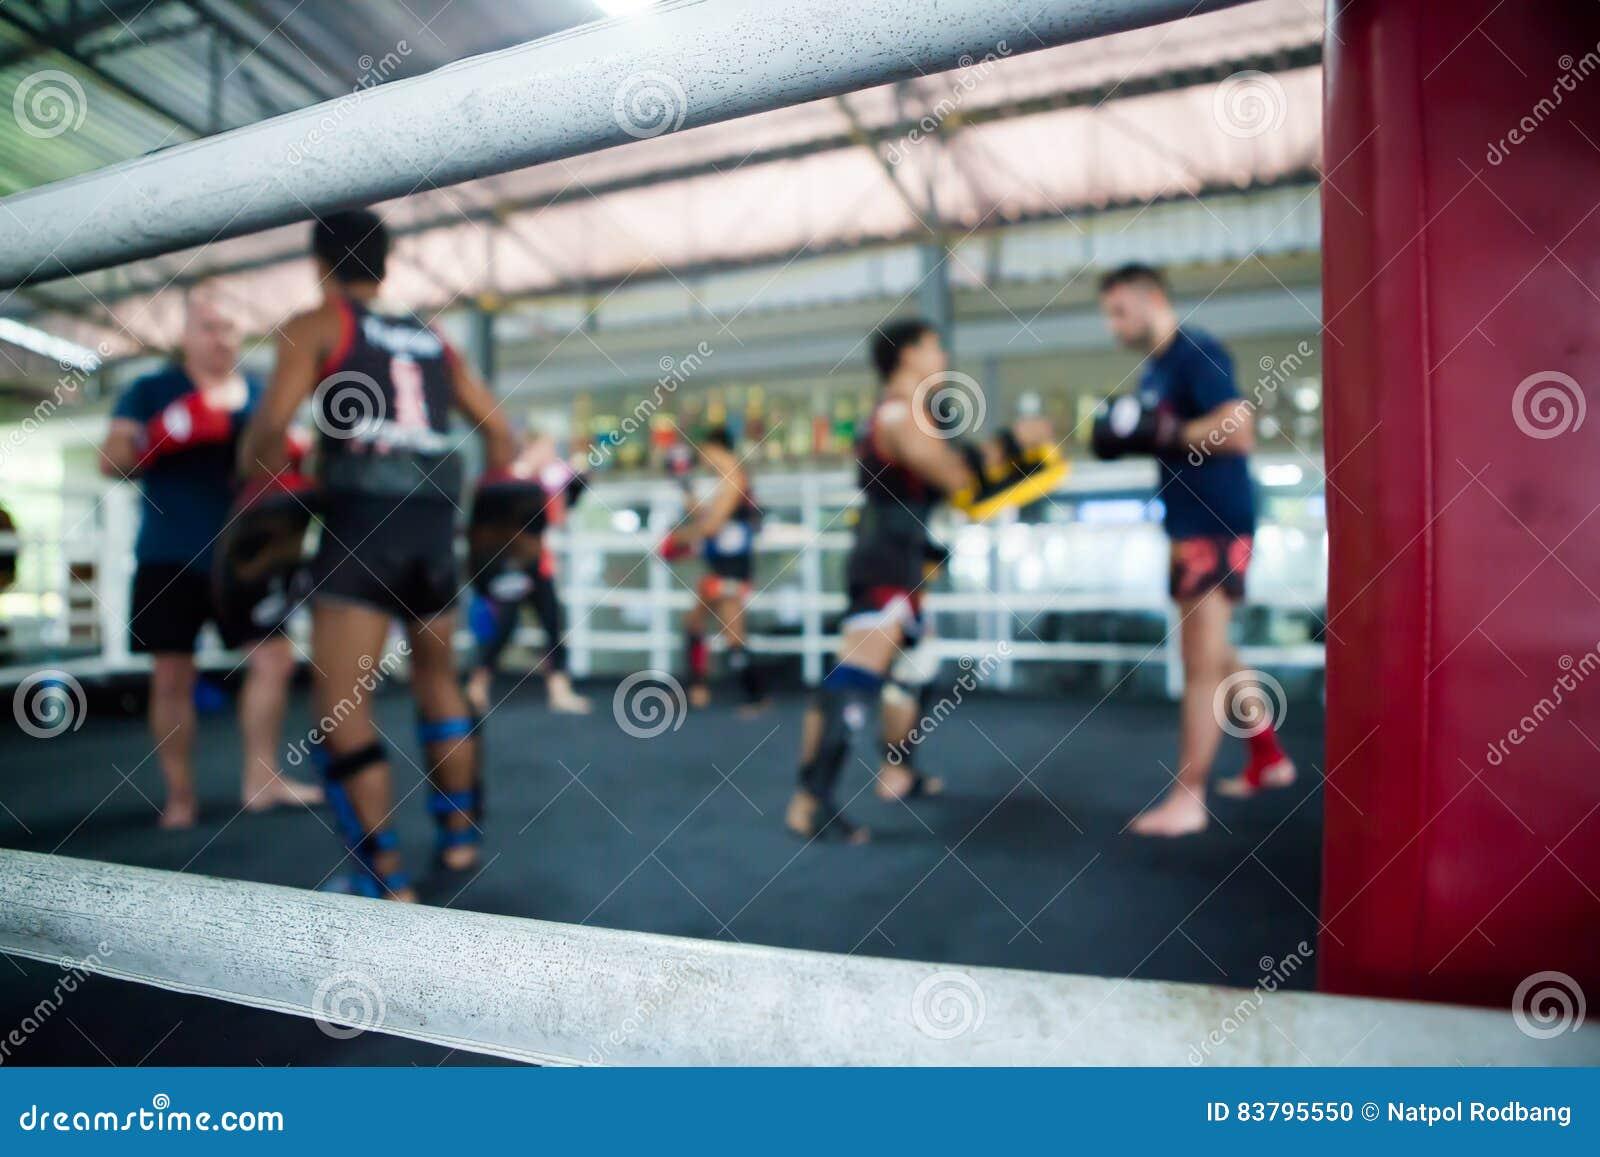 Stażowy tajlandzki boks na pierścionku w gym